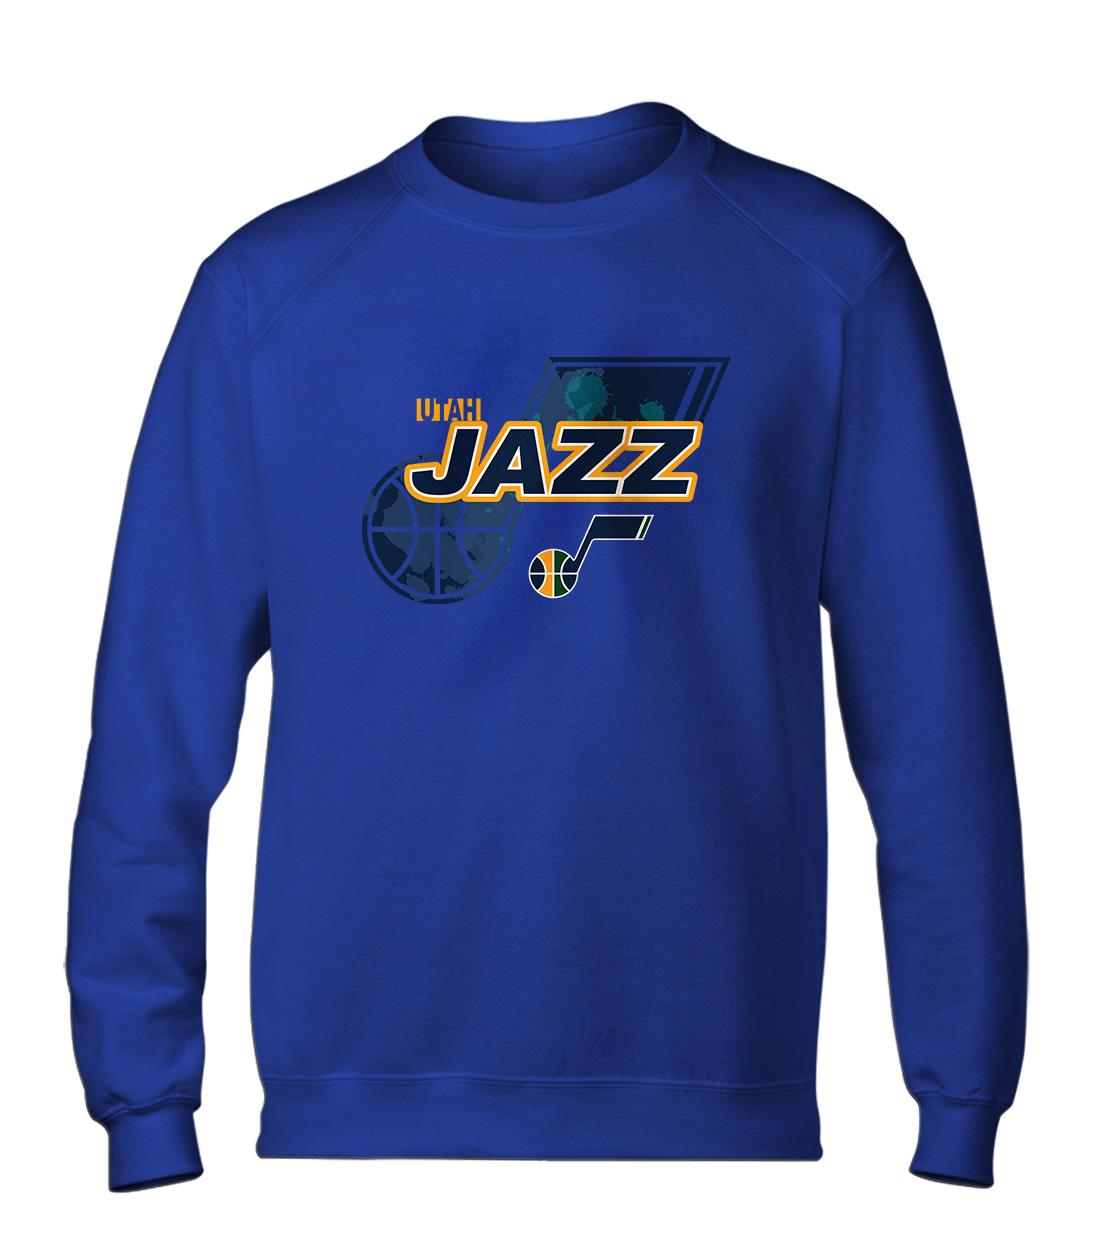 Utah Jazz Basic (BSC-BLU-NP-200-NBA-UTH-LOGO)